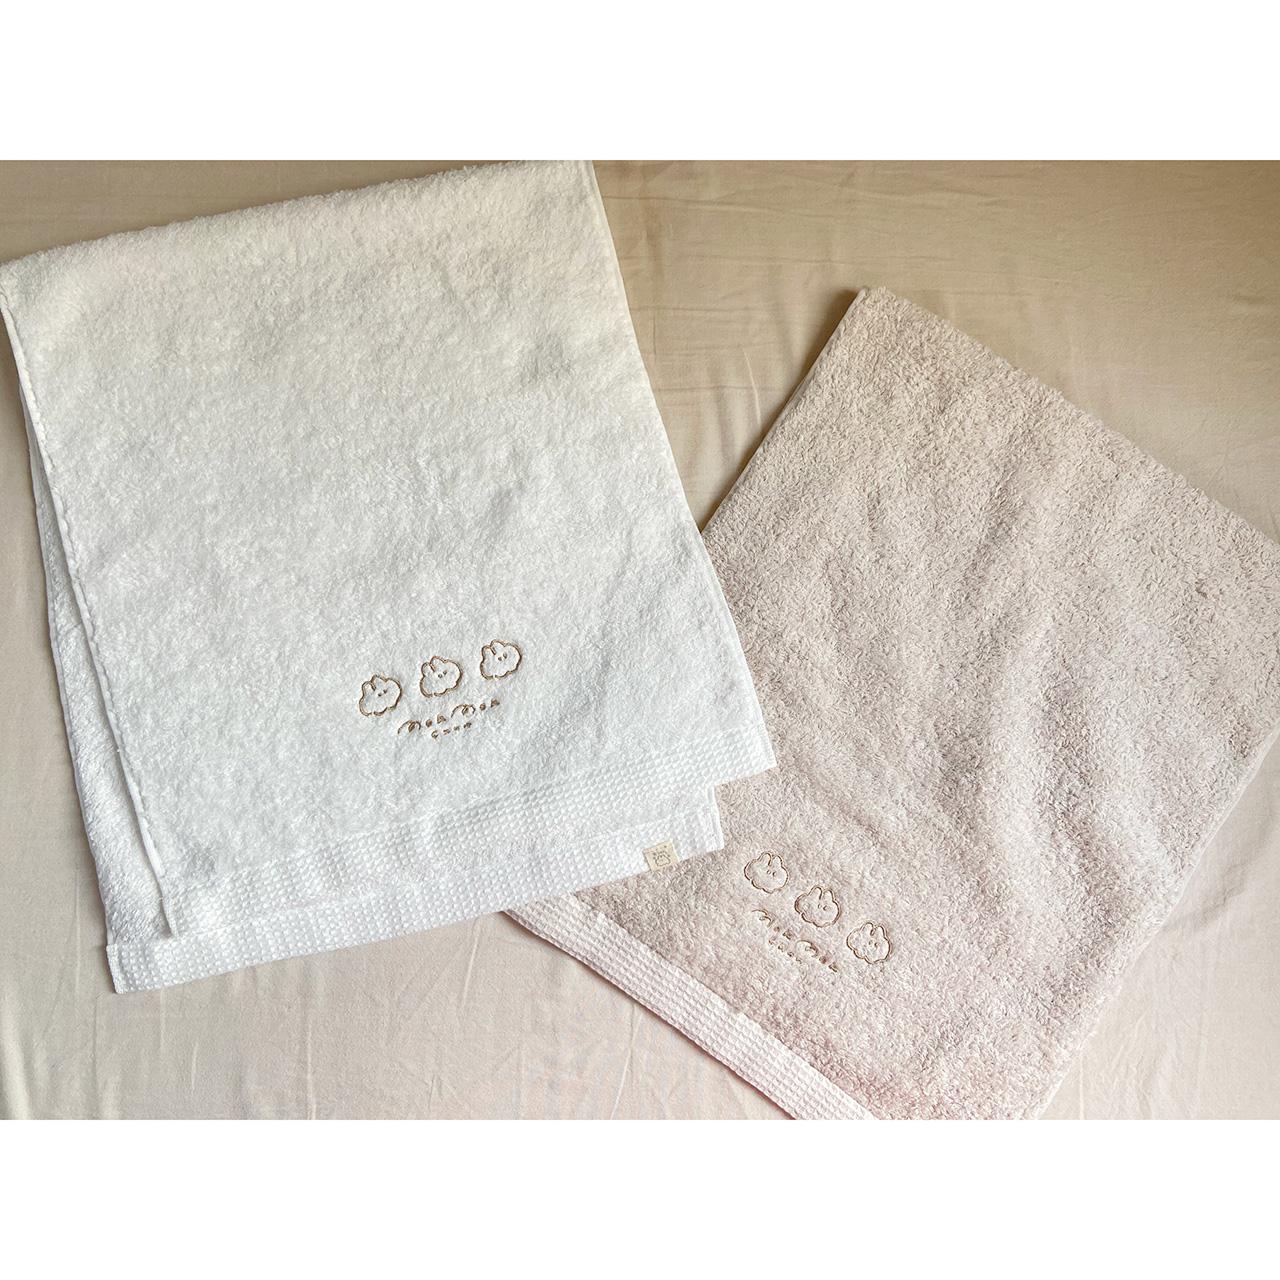 なでウサ刺繍今治産タオル3種発売